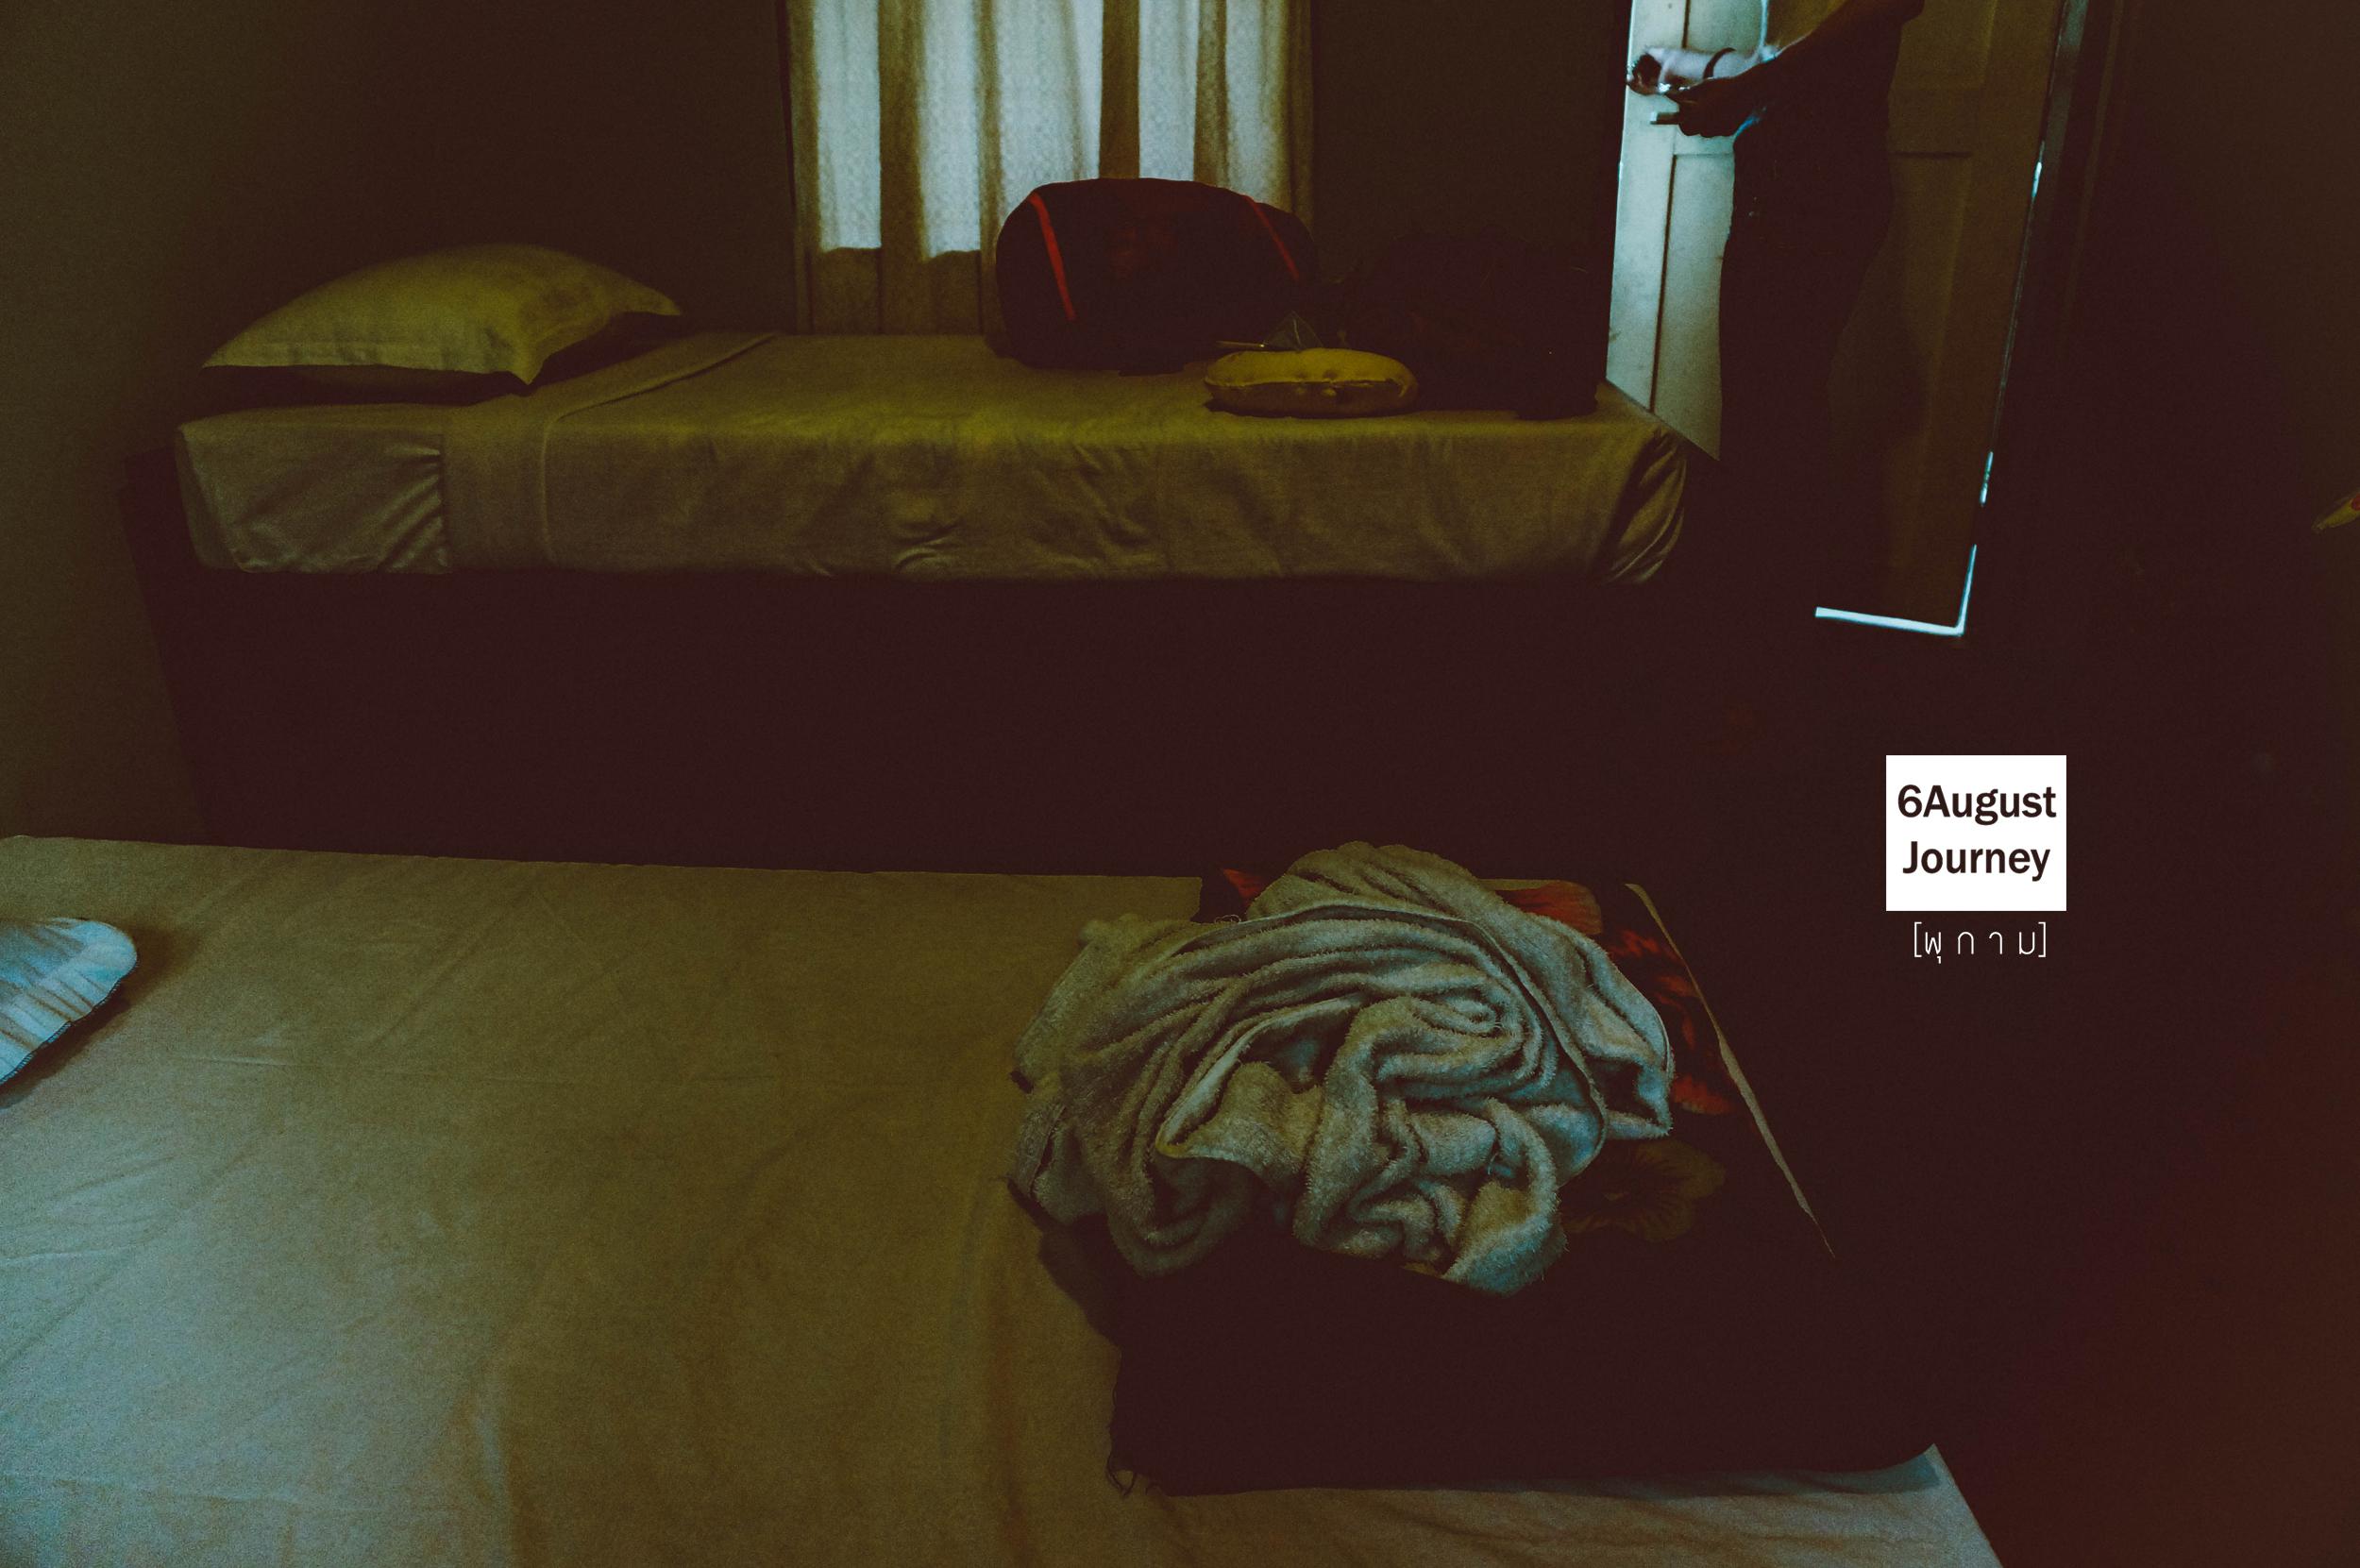 สภาพเตียงเสริม สภาพผ้าเช็ดตัวที่พวกนางขนมา เรานี่พูดไม่ออก